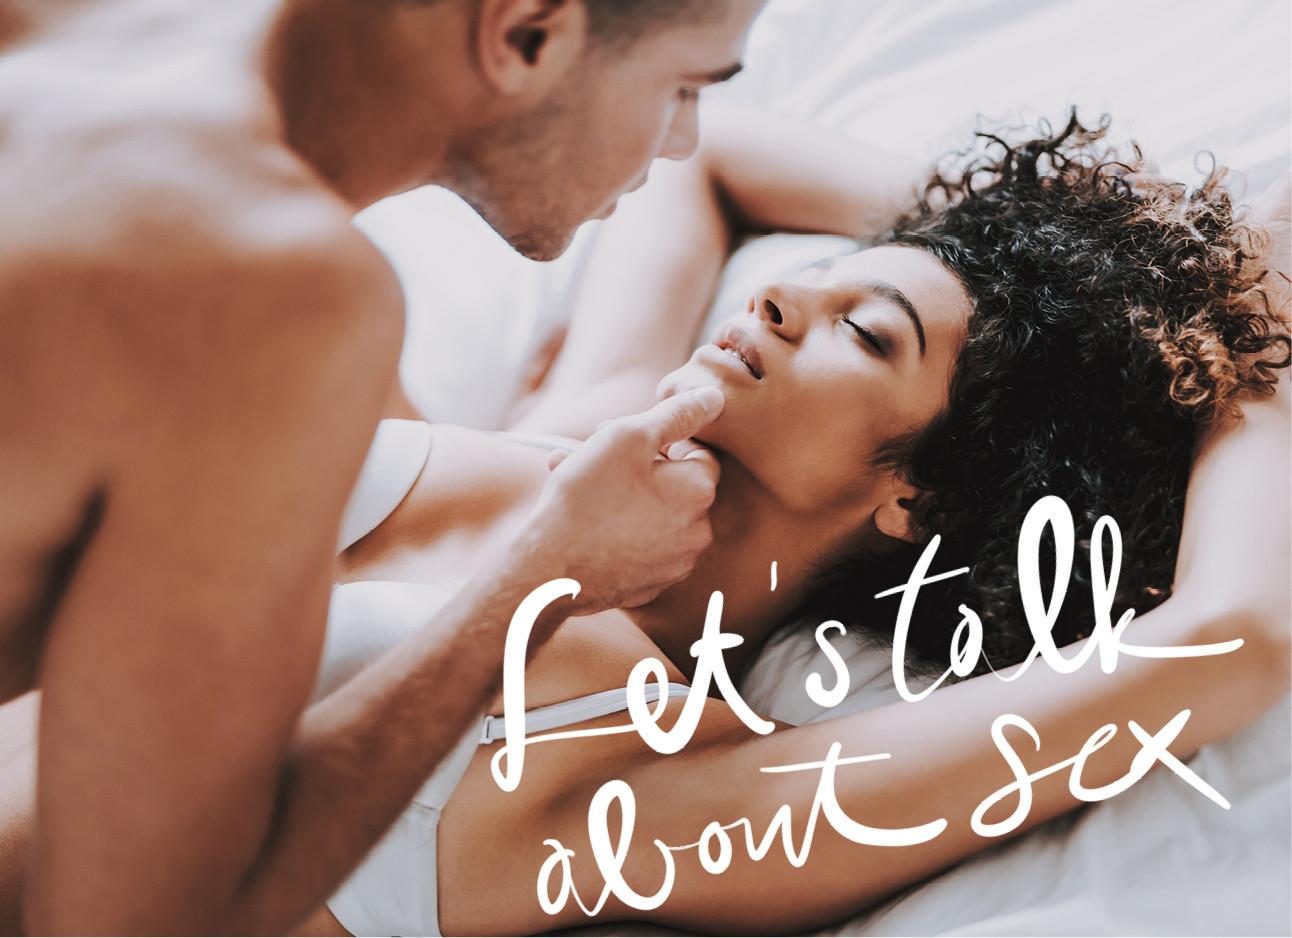 vrouw en man in bed kussend